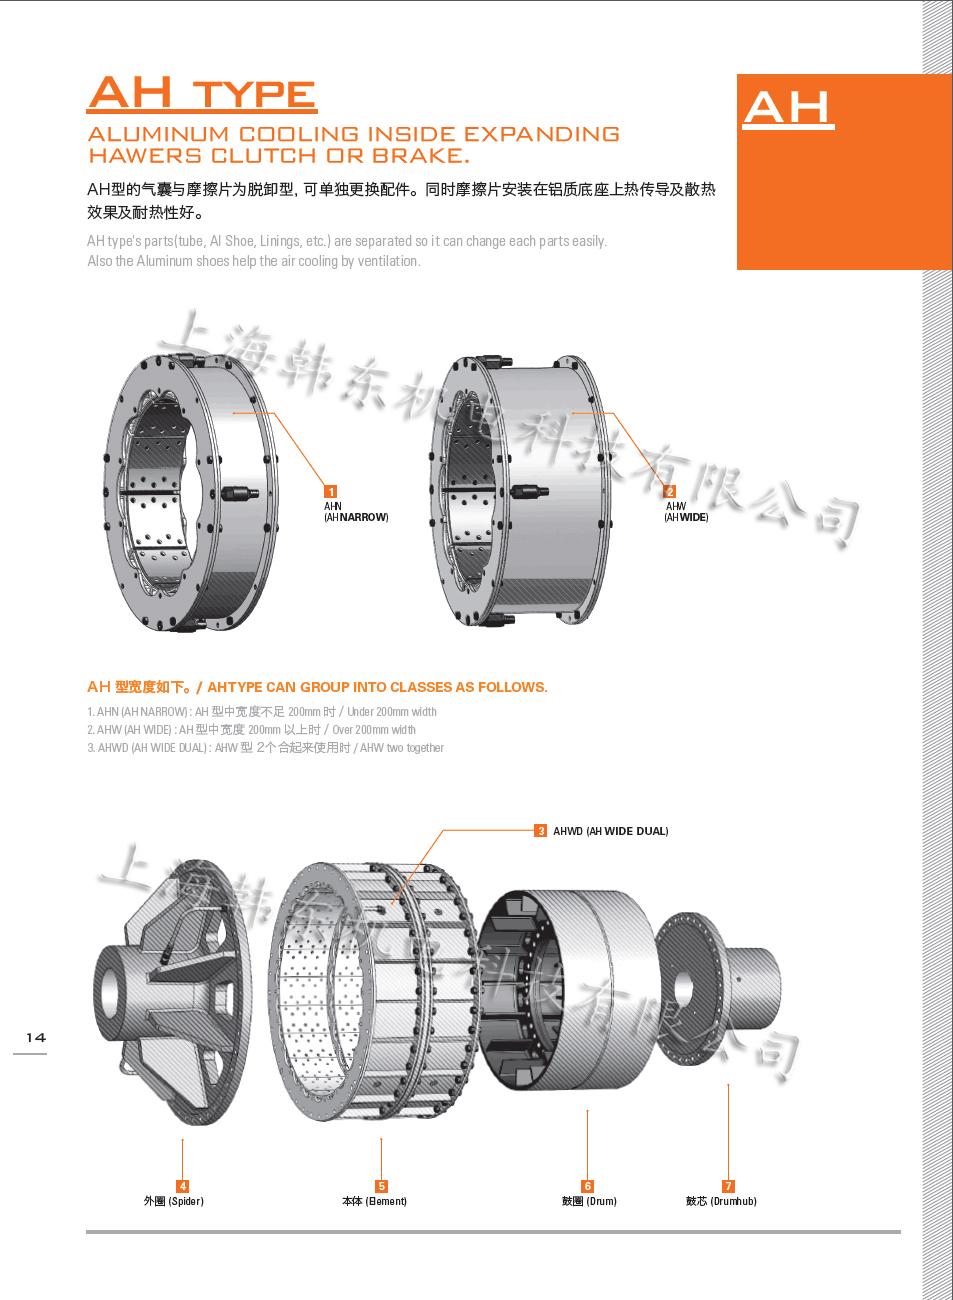 Q Q: 2953985173 传真:021-57636570 型号:鼓式离合器AH系列: 详细描述;技术参数: 品 名:鼓式离合器AH系列 品 牌:韩国豪沃斯 型 号:AHN-16 重 量:75(kg) 外形尺寸:660x660x180(mm) 气 压:0.1bar-8bar 制动扭矩:1019000000N.M 鼓式离合器AH使用范围: 广泛应用于船舶发电机.